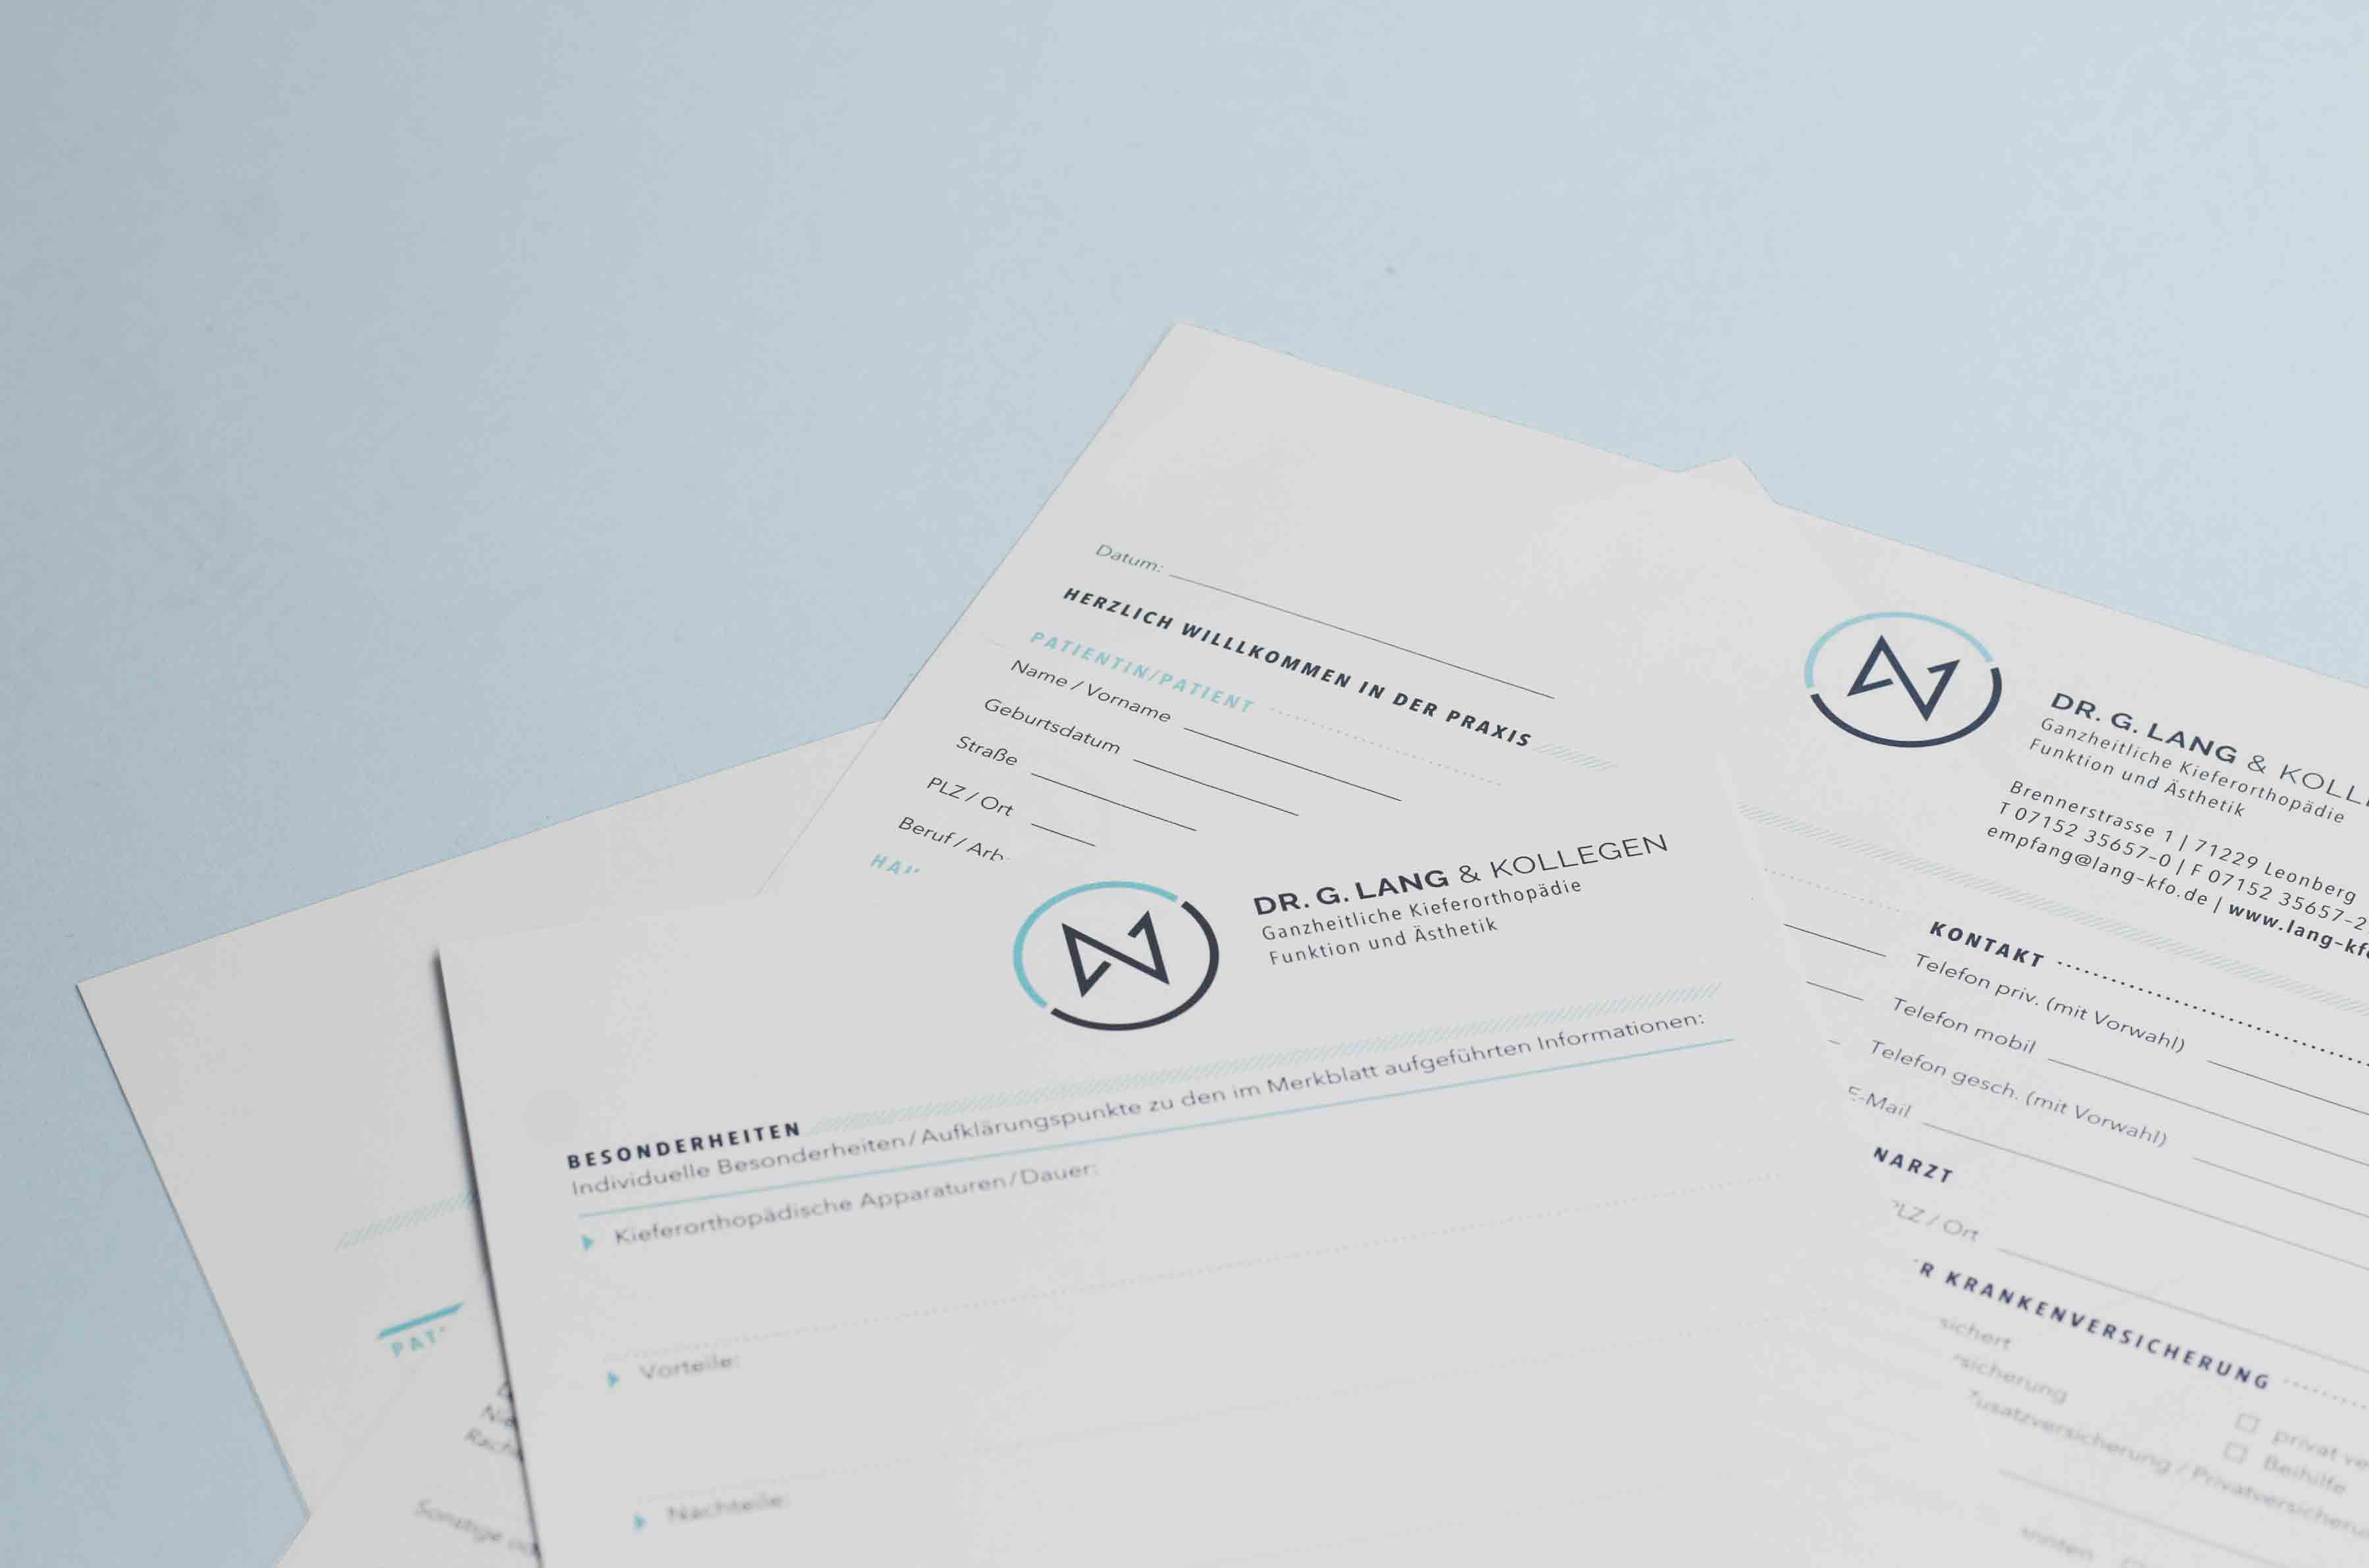 Dr. Lang Kieferorthopäde Formulare Design Detailansicht